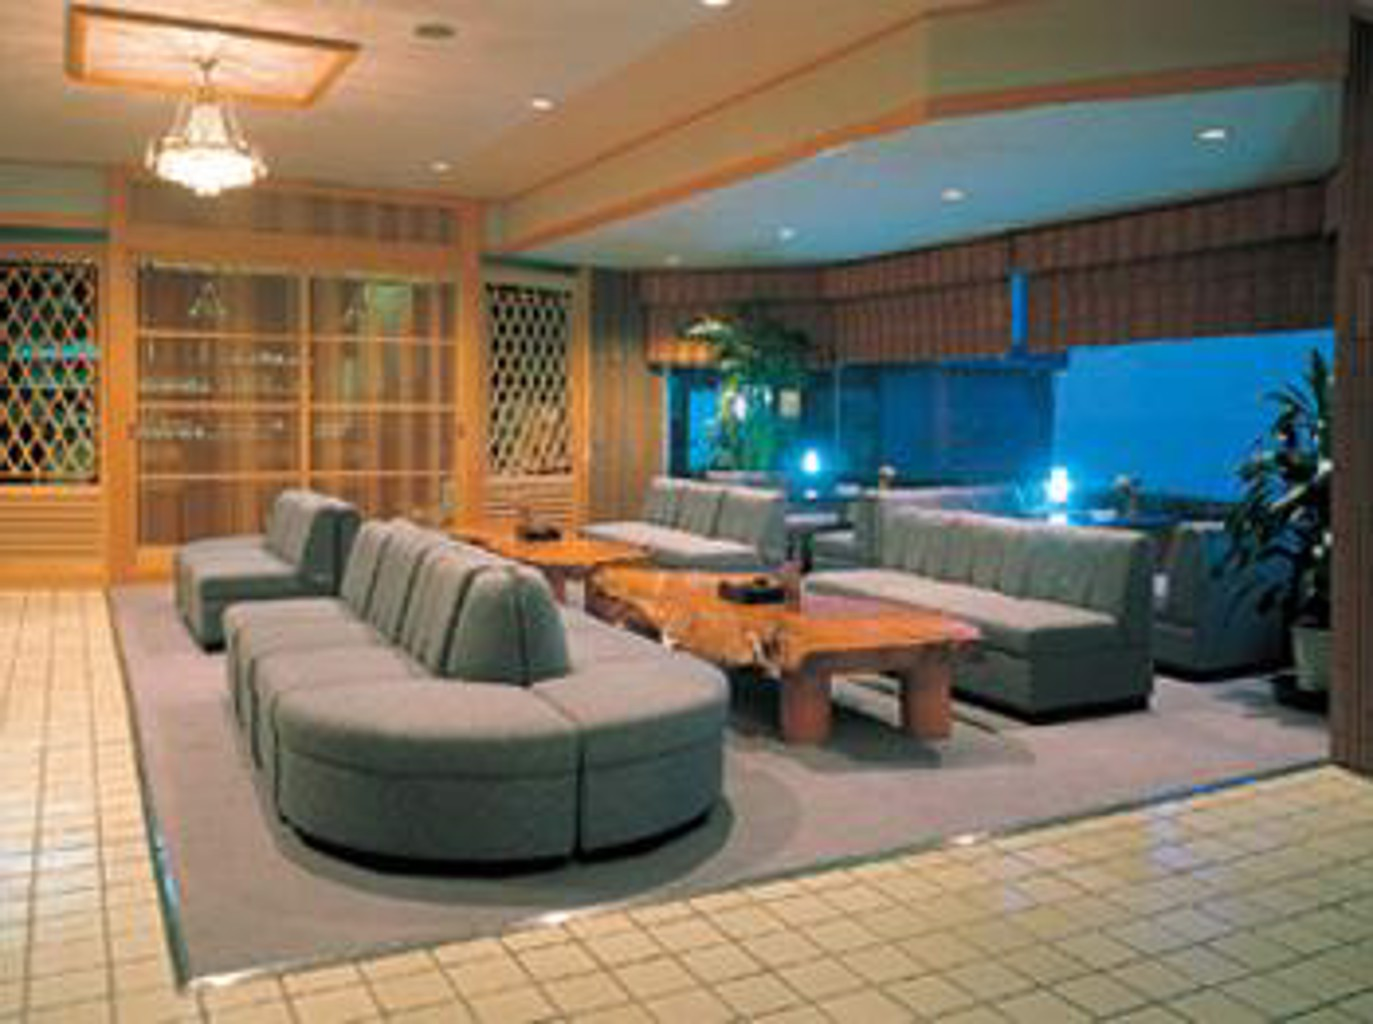 Gallery image of Shiunkaku Hotel Ogura